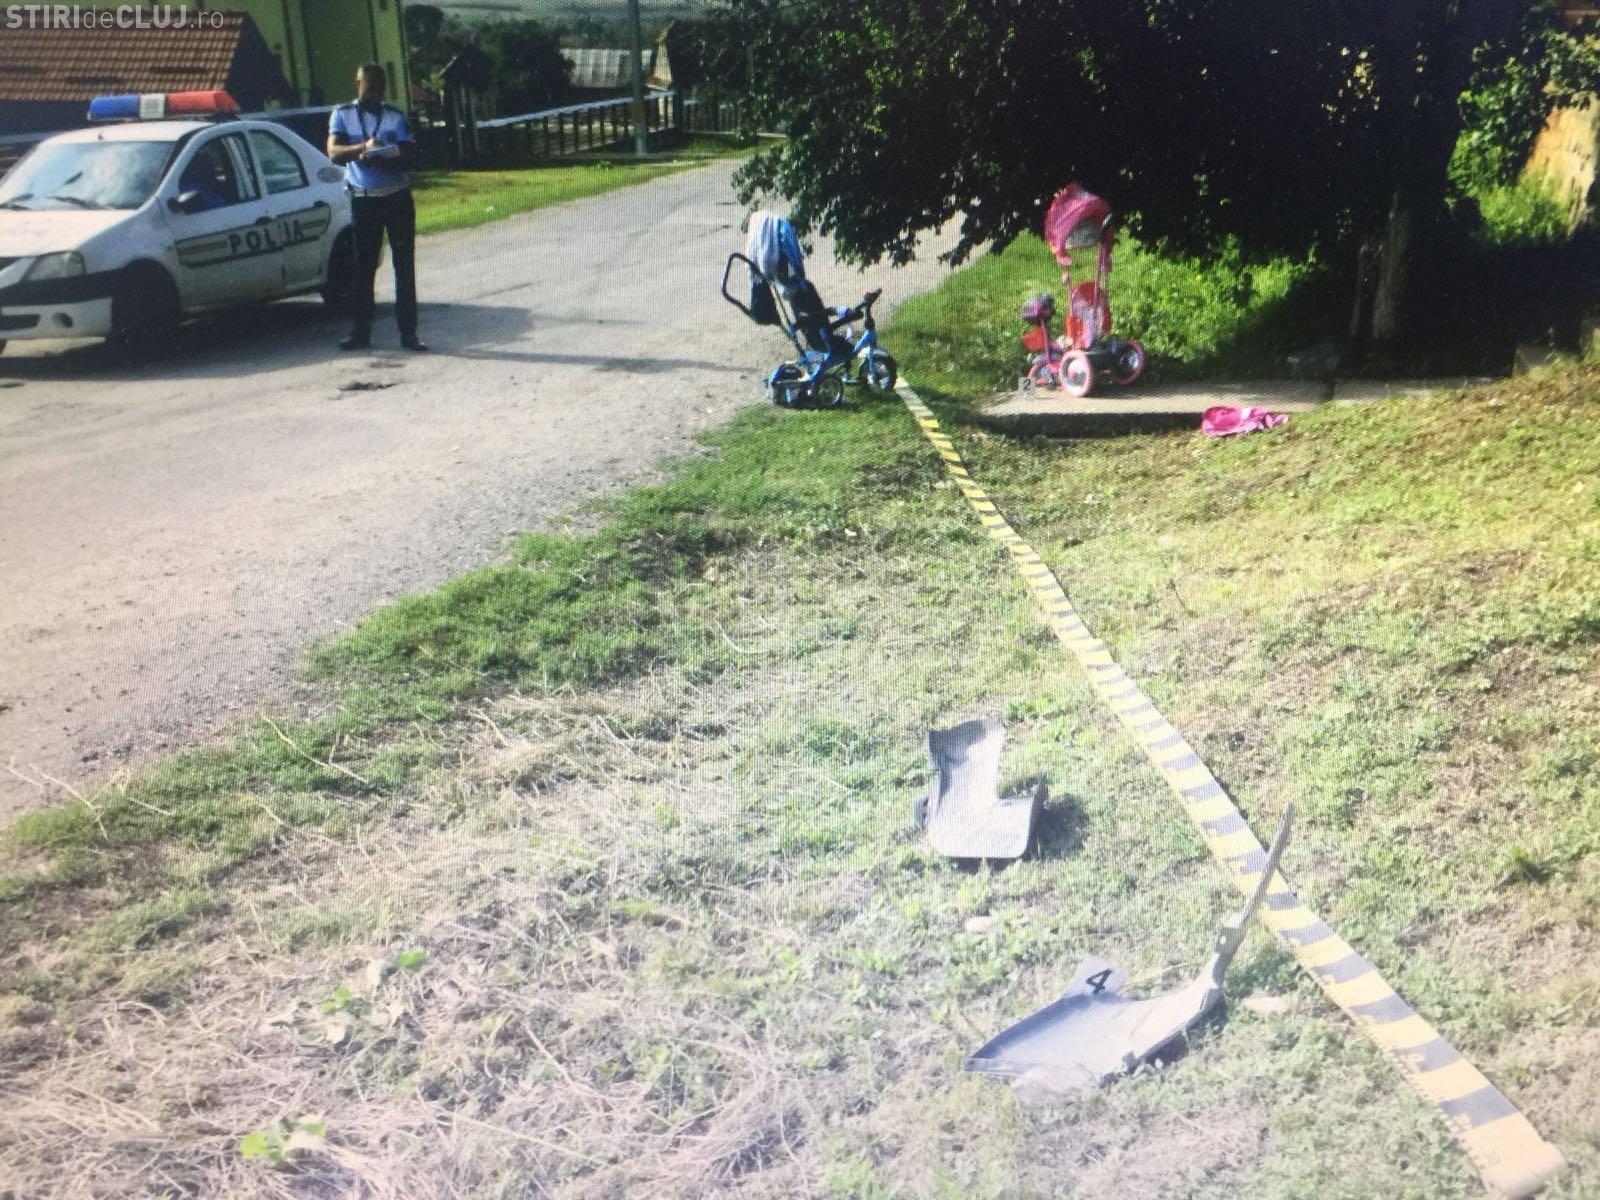 Accident GRAV la Borșa (Cluj). Un șofer beat a spulberat o mamă și pe fiica acesteia - FOTO